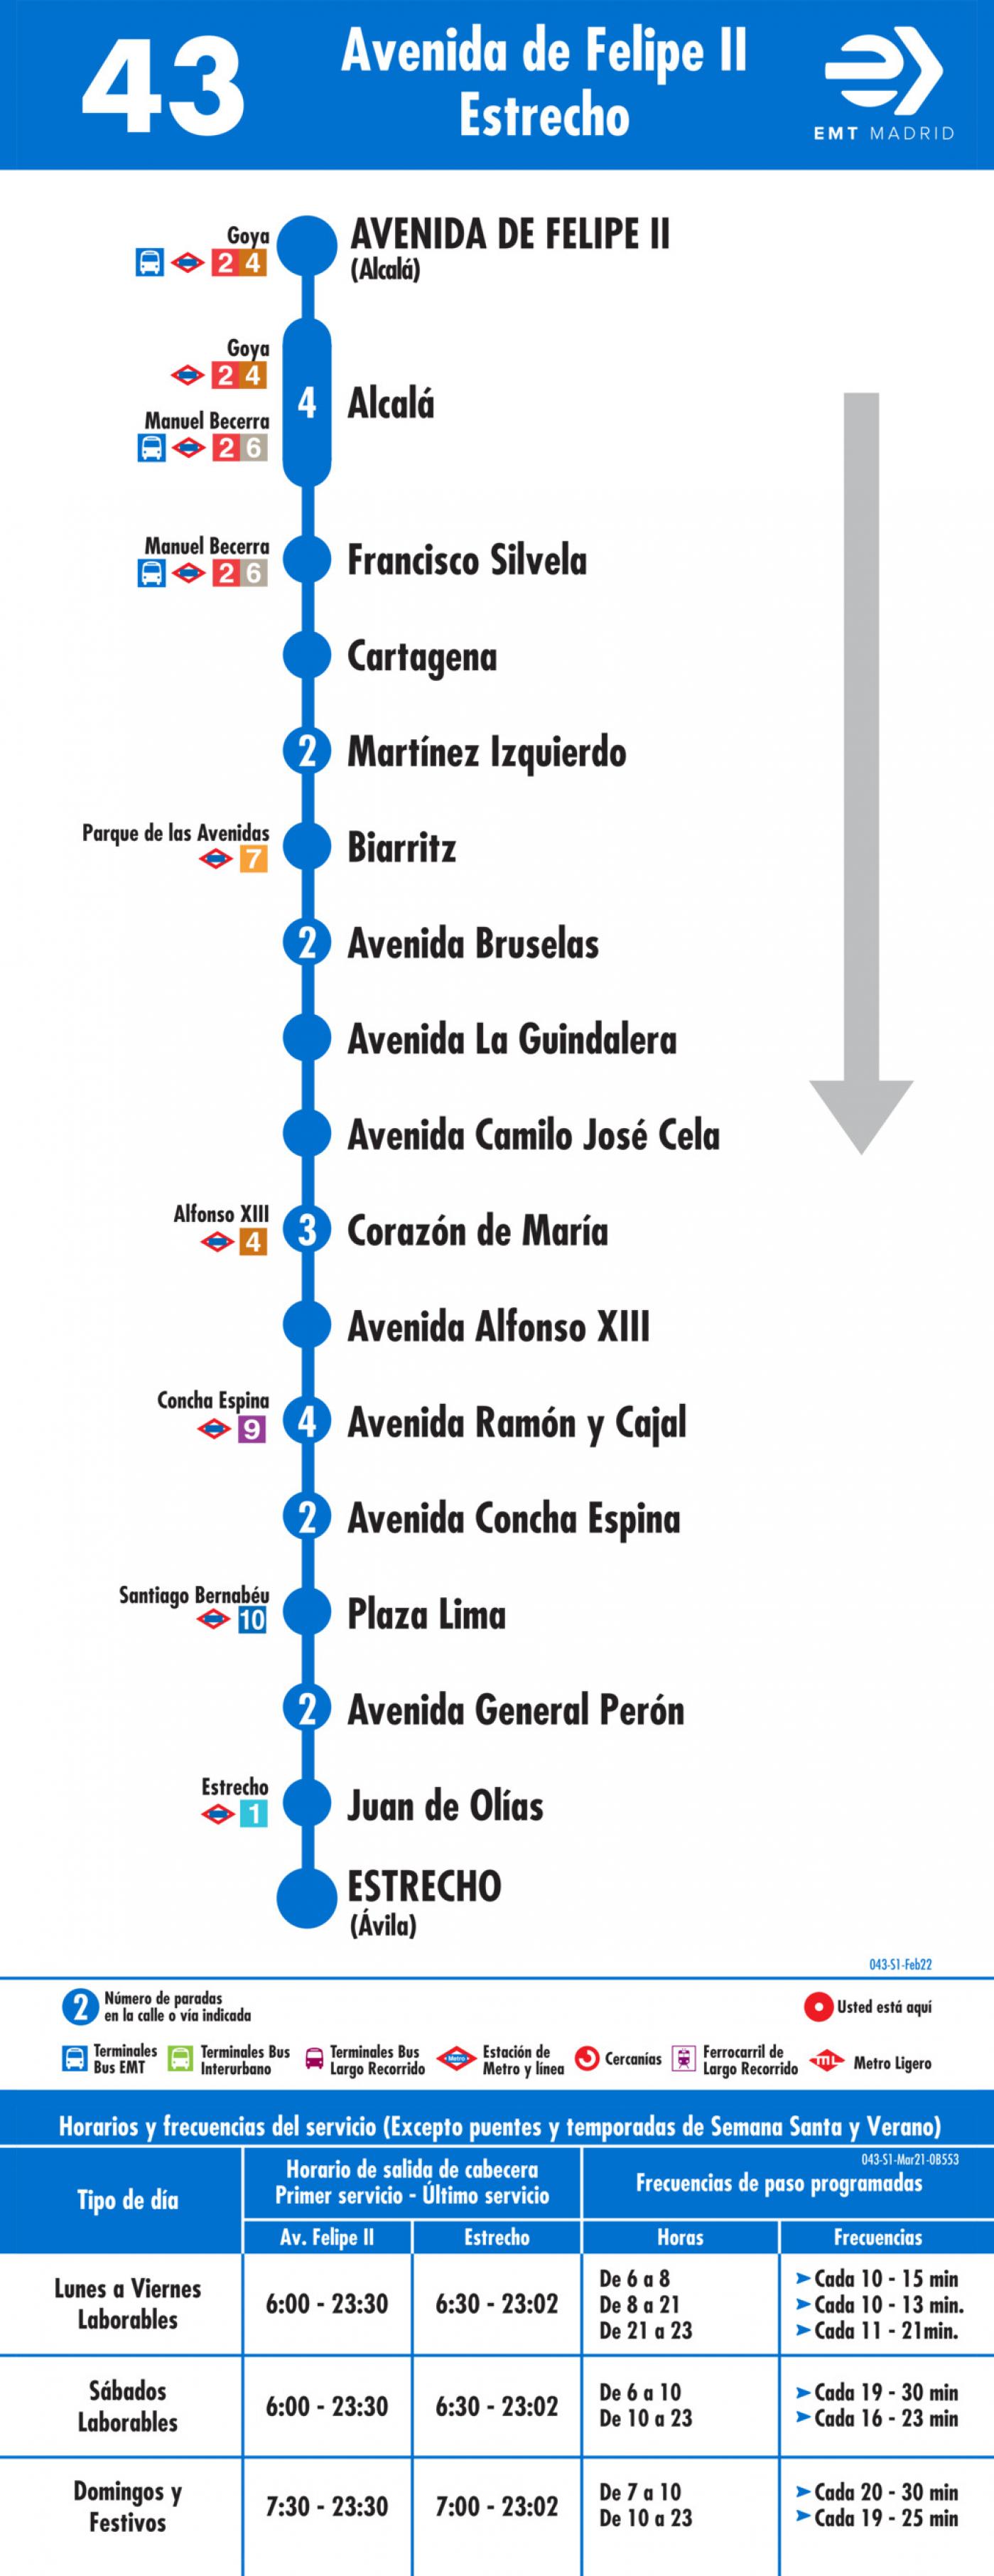 Tabla de horarios y frecuencias de paso en sentido ida Línea 43: Avenida de Felipe II - Estrecho